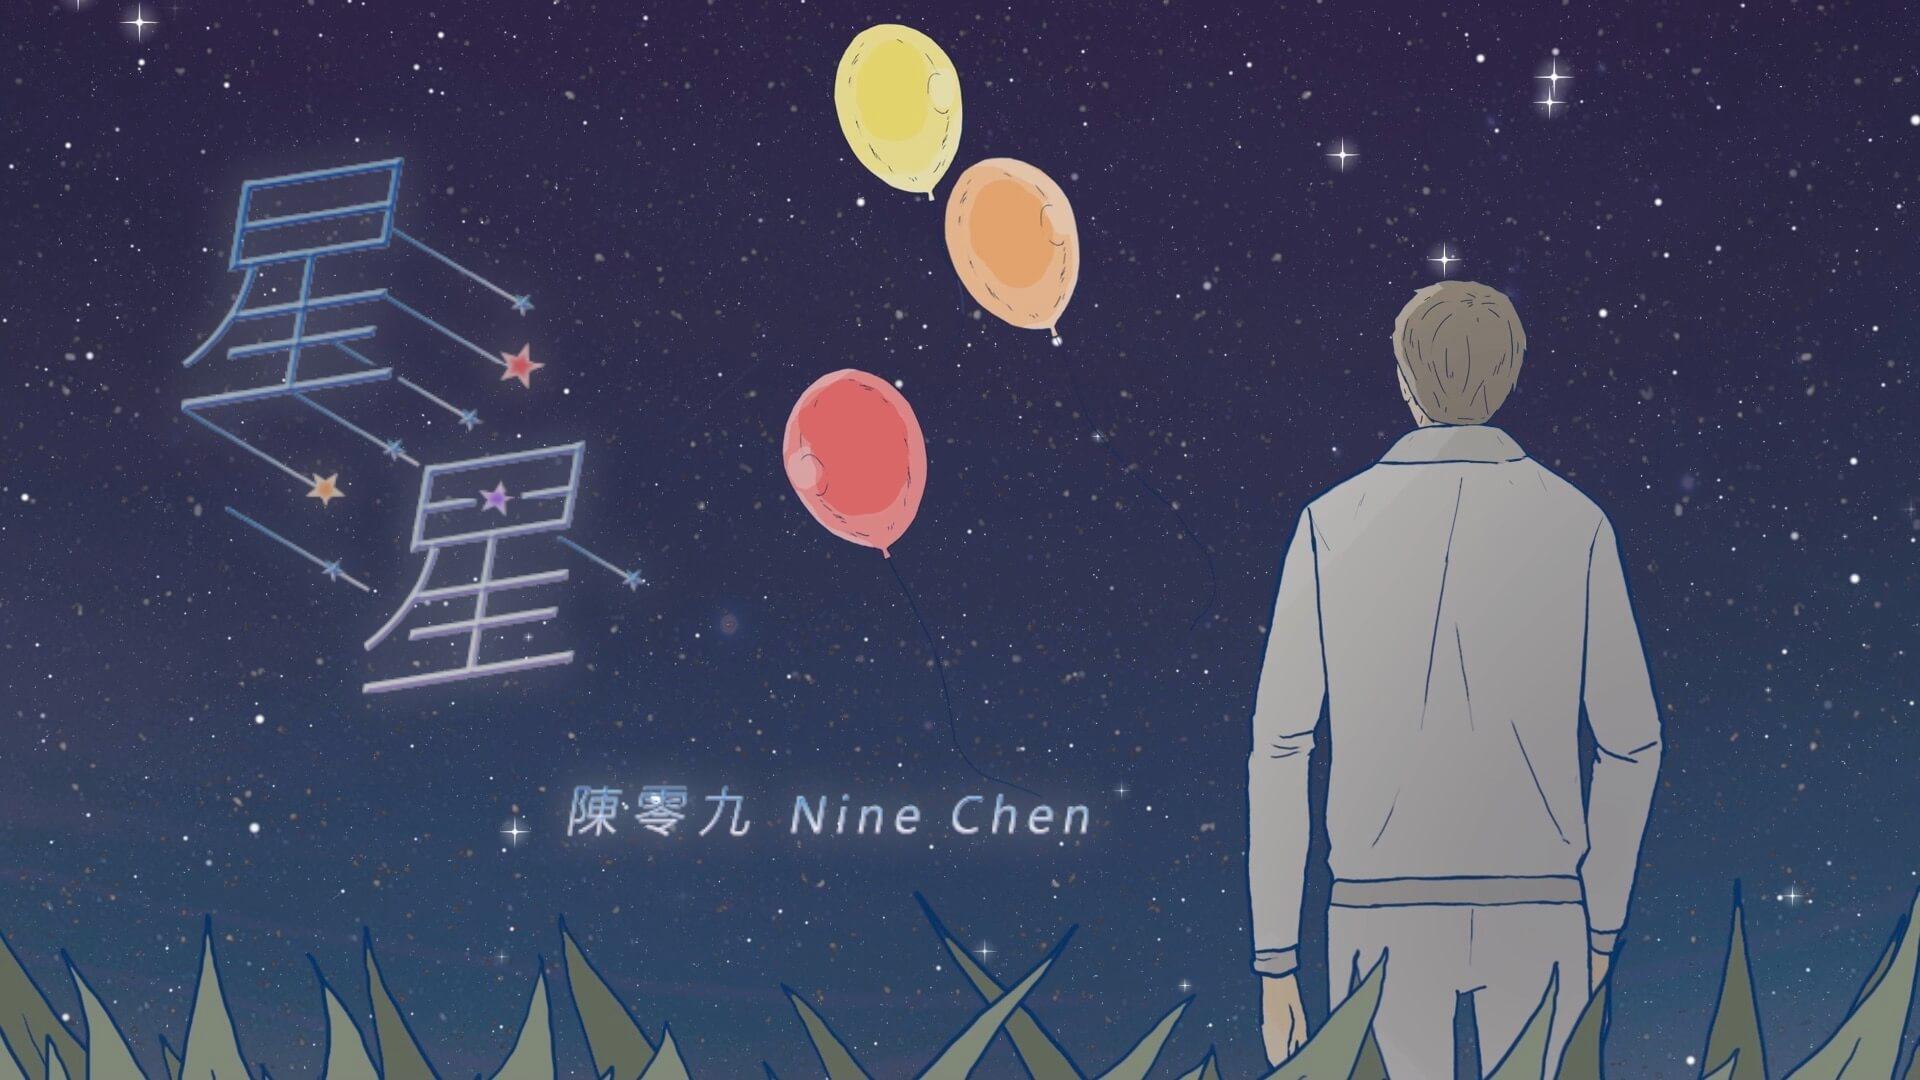 陳零九歌曲「致敬小鬼黃鴻升」:離去後精神仍永恆存在!